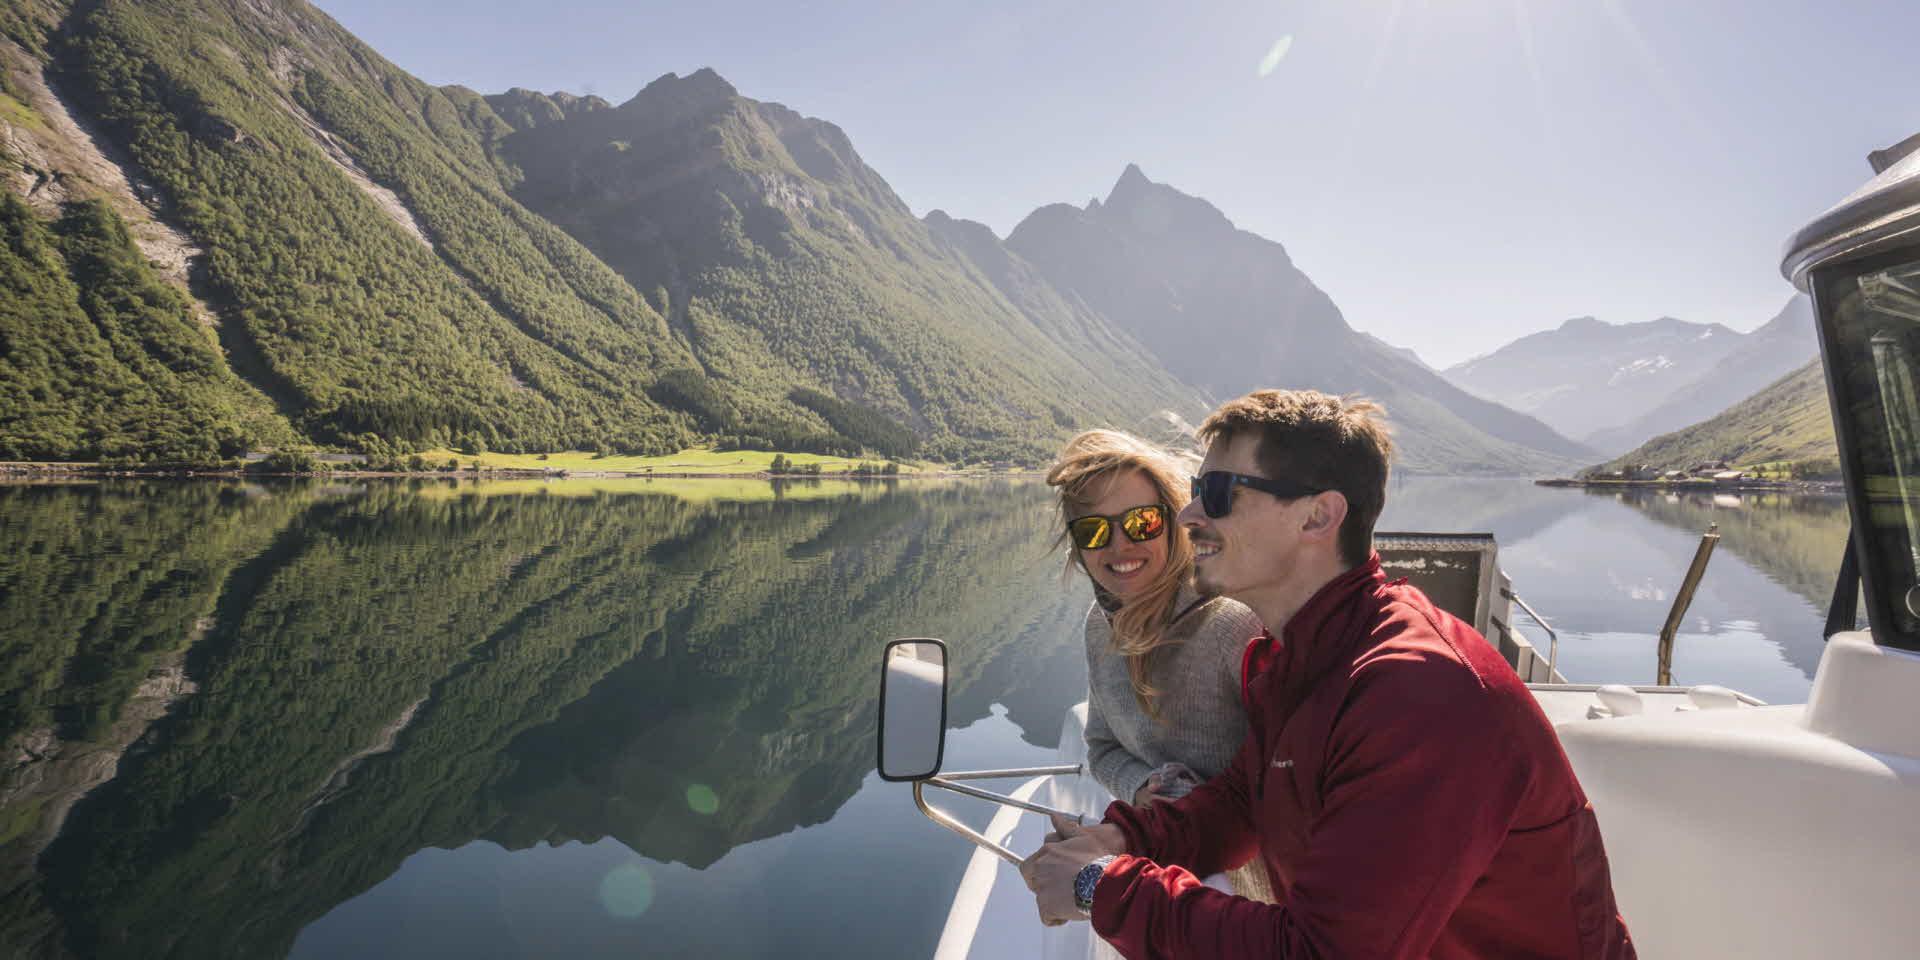 美しいヨルンフィヨルド(Hjørundfjord)でフィヨルドバイキング(Fjord Viking)船上にいる若いカップル